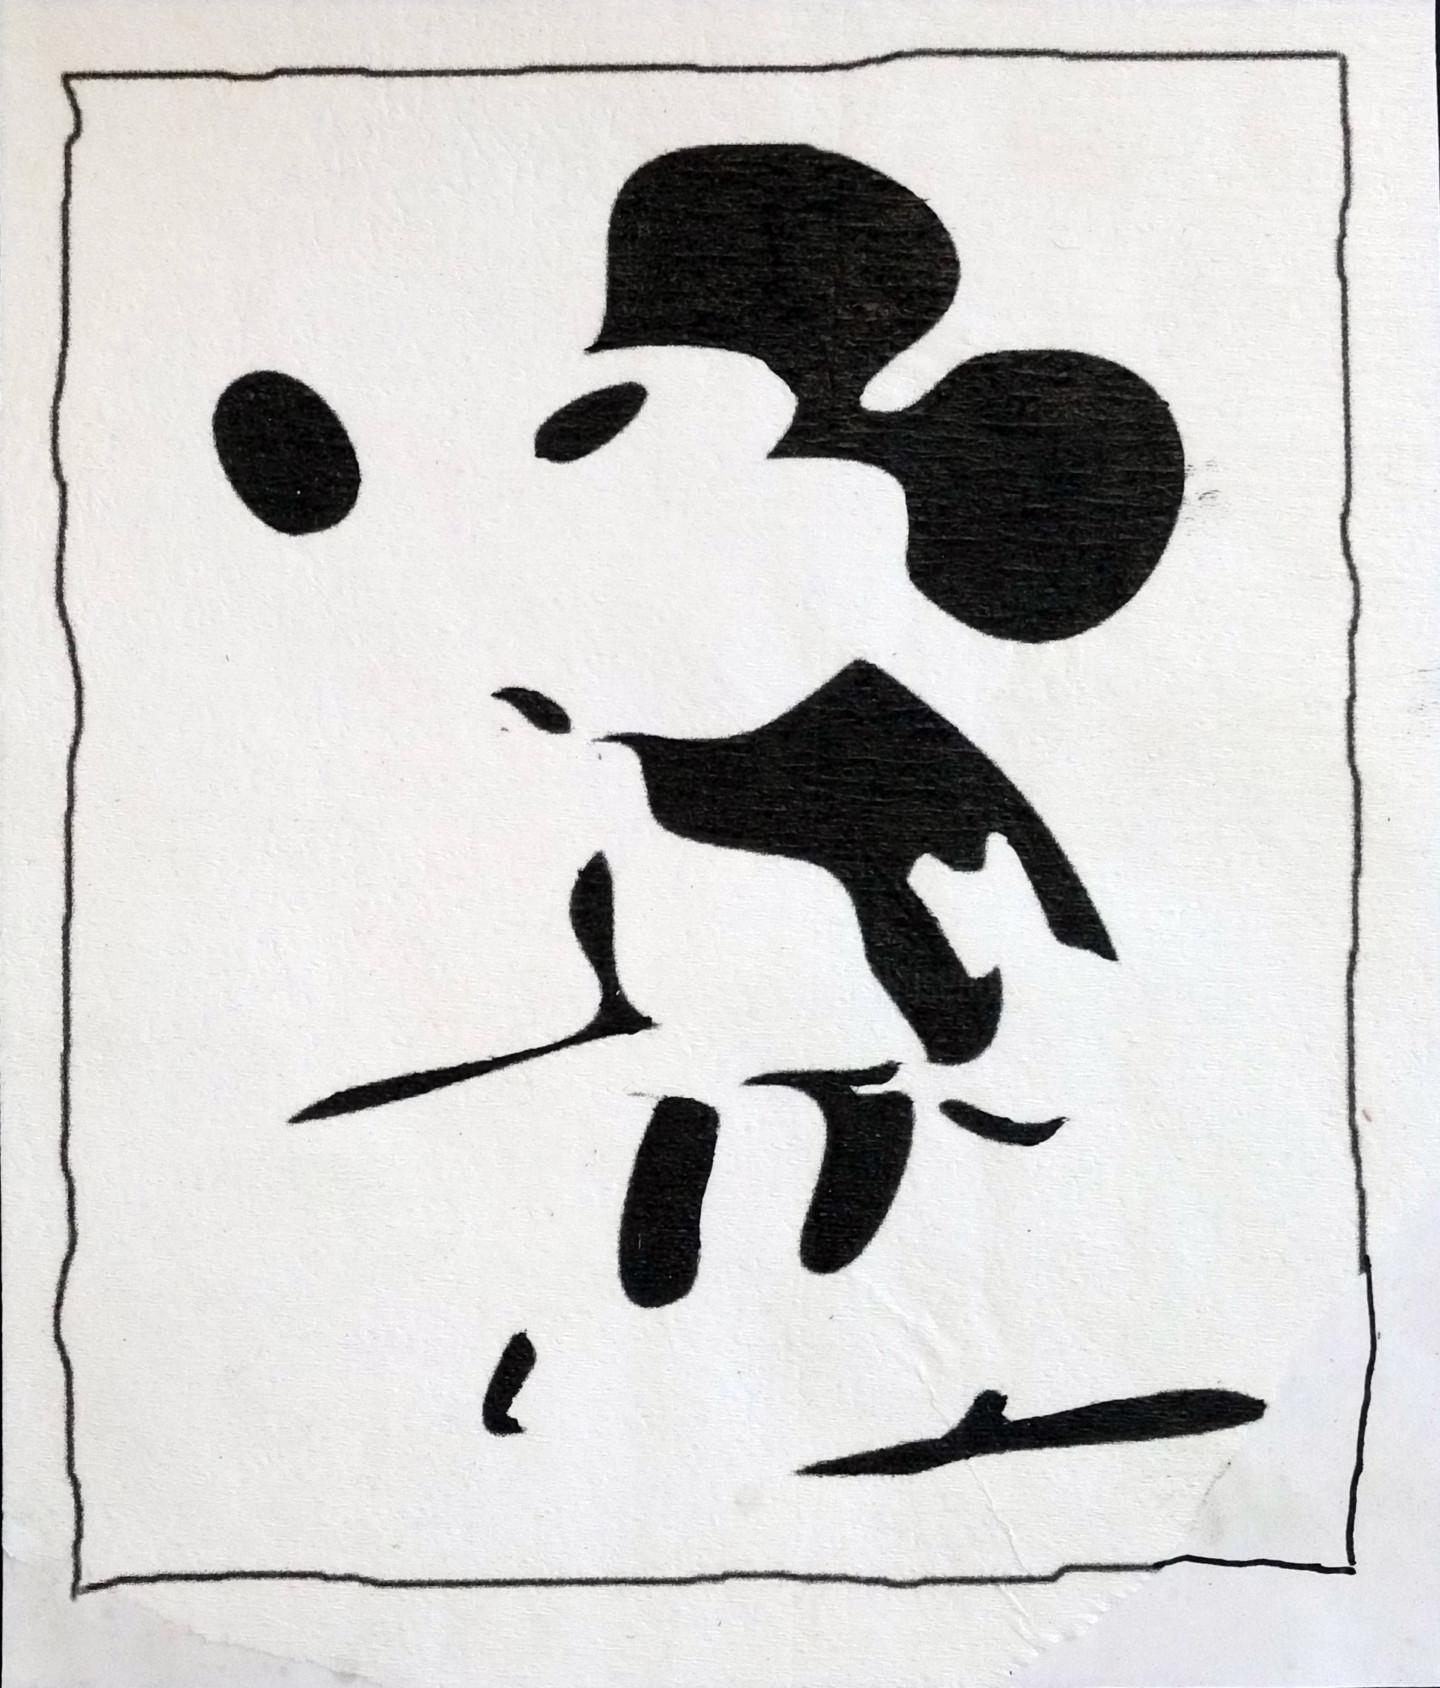 Hervé Loiseau - A mouse